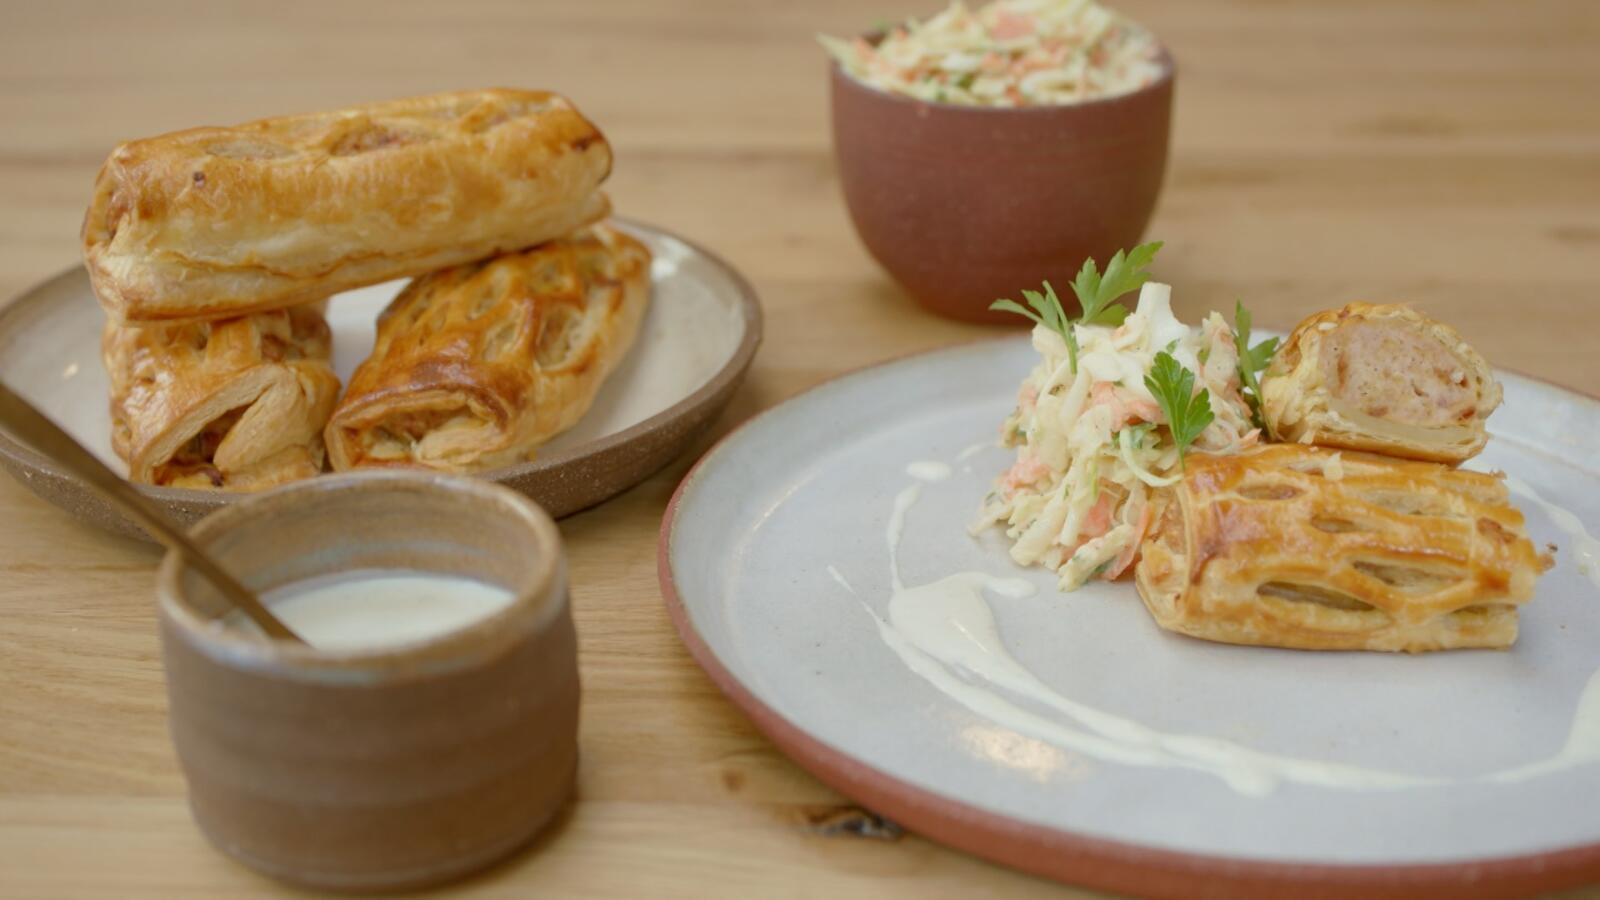 Worstenbroodje met kip, coleslaw en dressing met blauwe kaas